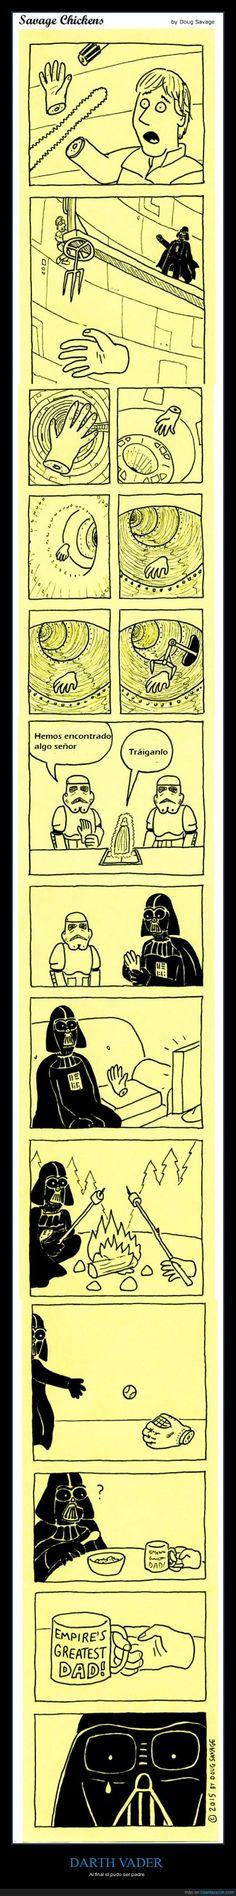 Darth Vader necesitaba un hijo y... - Al final sí pudo ser padre   Gracias a http://www.cuantarazon.com/   Si quieres leer la noticia completa visita: http://www.estoy-aburrido.com/darth-vader-necesitaba-un-hijo-y-al-final-si-pudo-ser-padre/